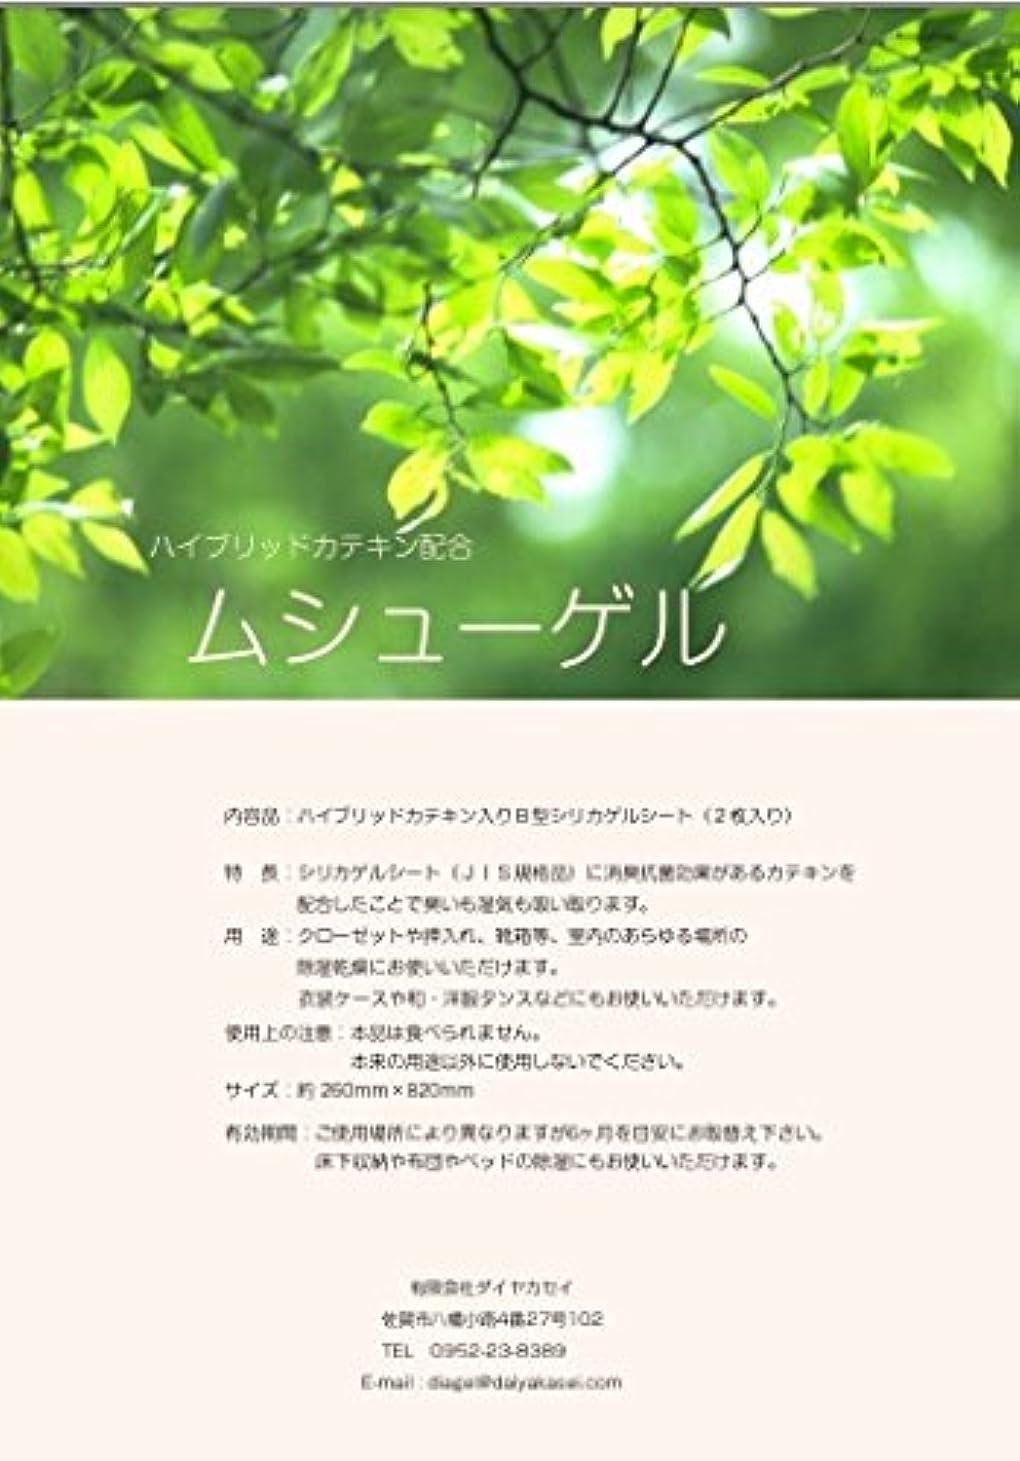 関税近傍覚醒ムシューゲル シリカゲルシート(2枚入り)